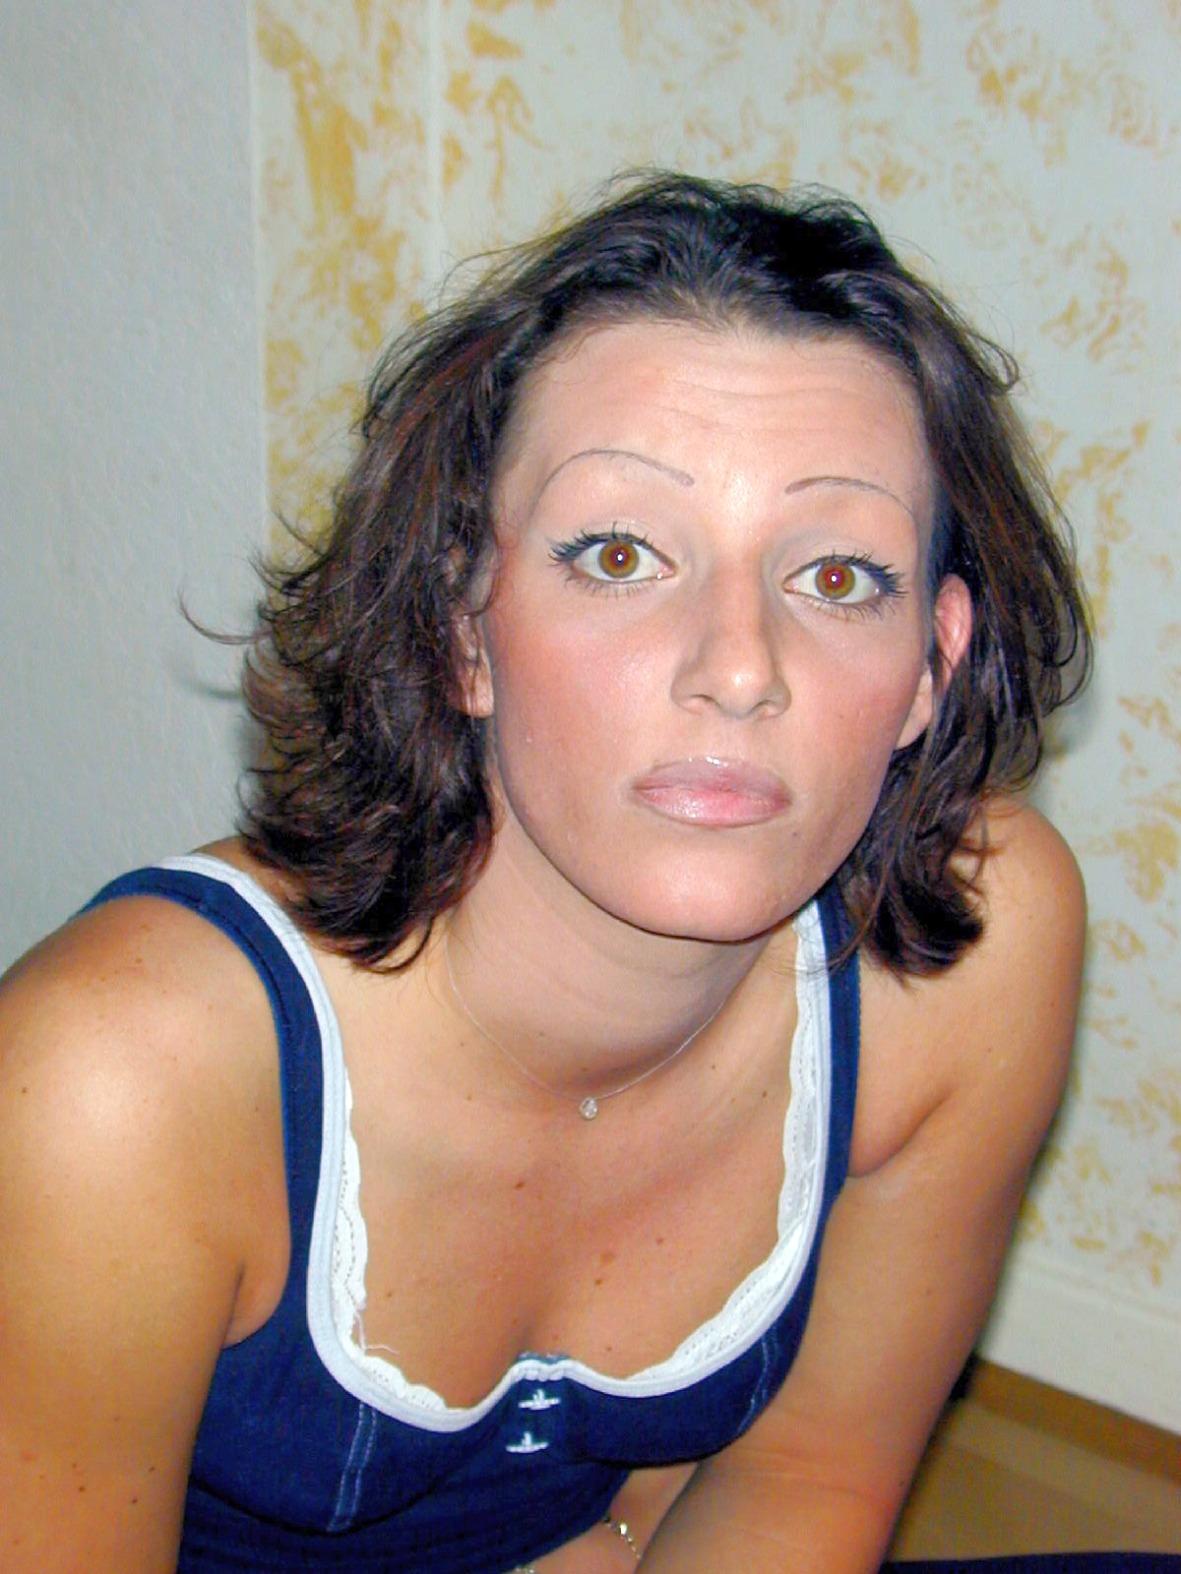 Anita, 26, Bochum